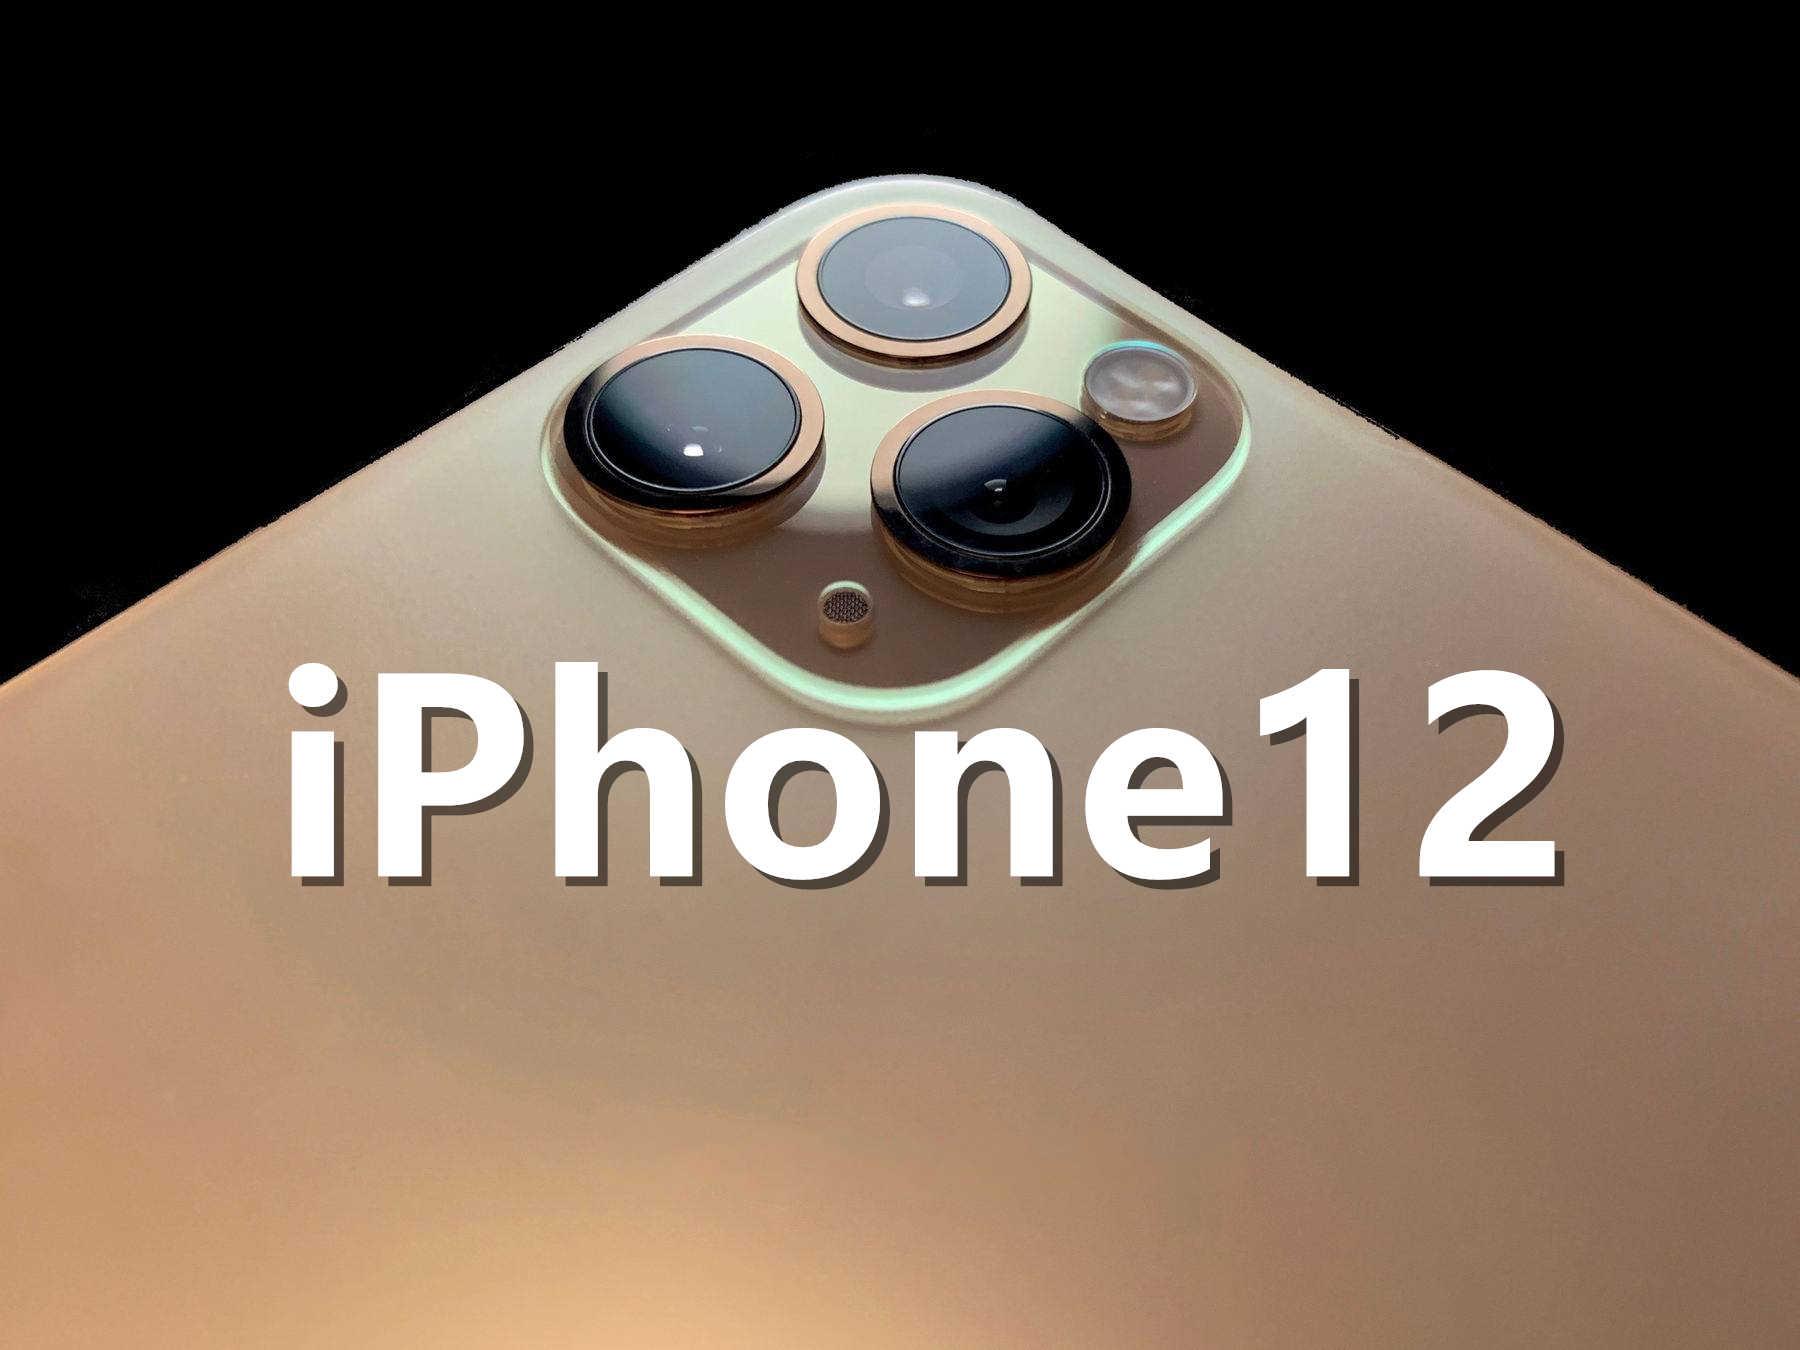 iPhone12promax手机实际尺寸_iPhone12promax尺寸长宽厘米